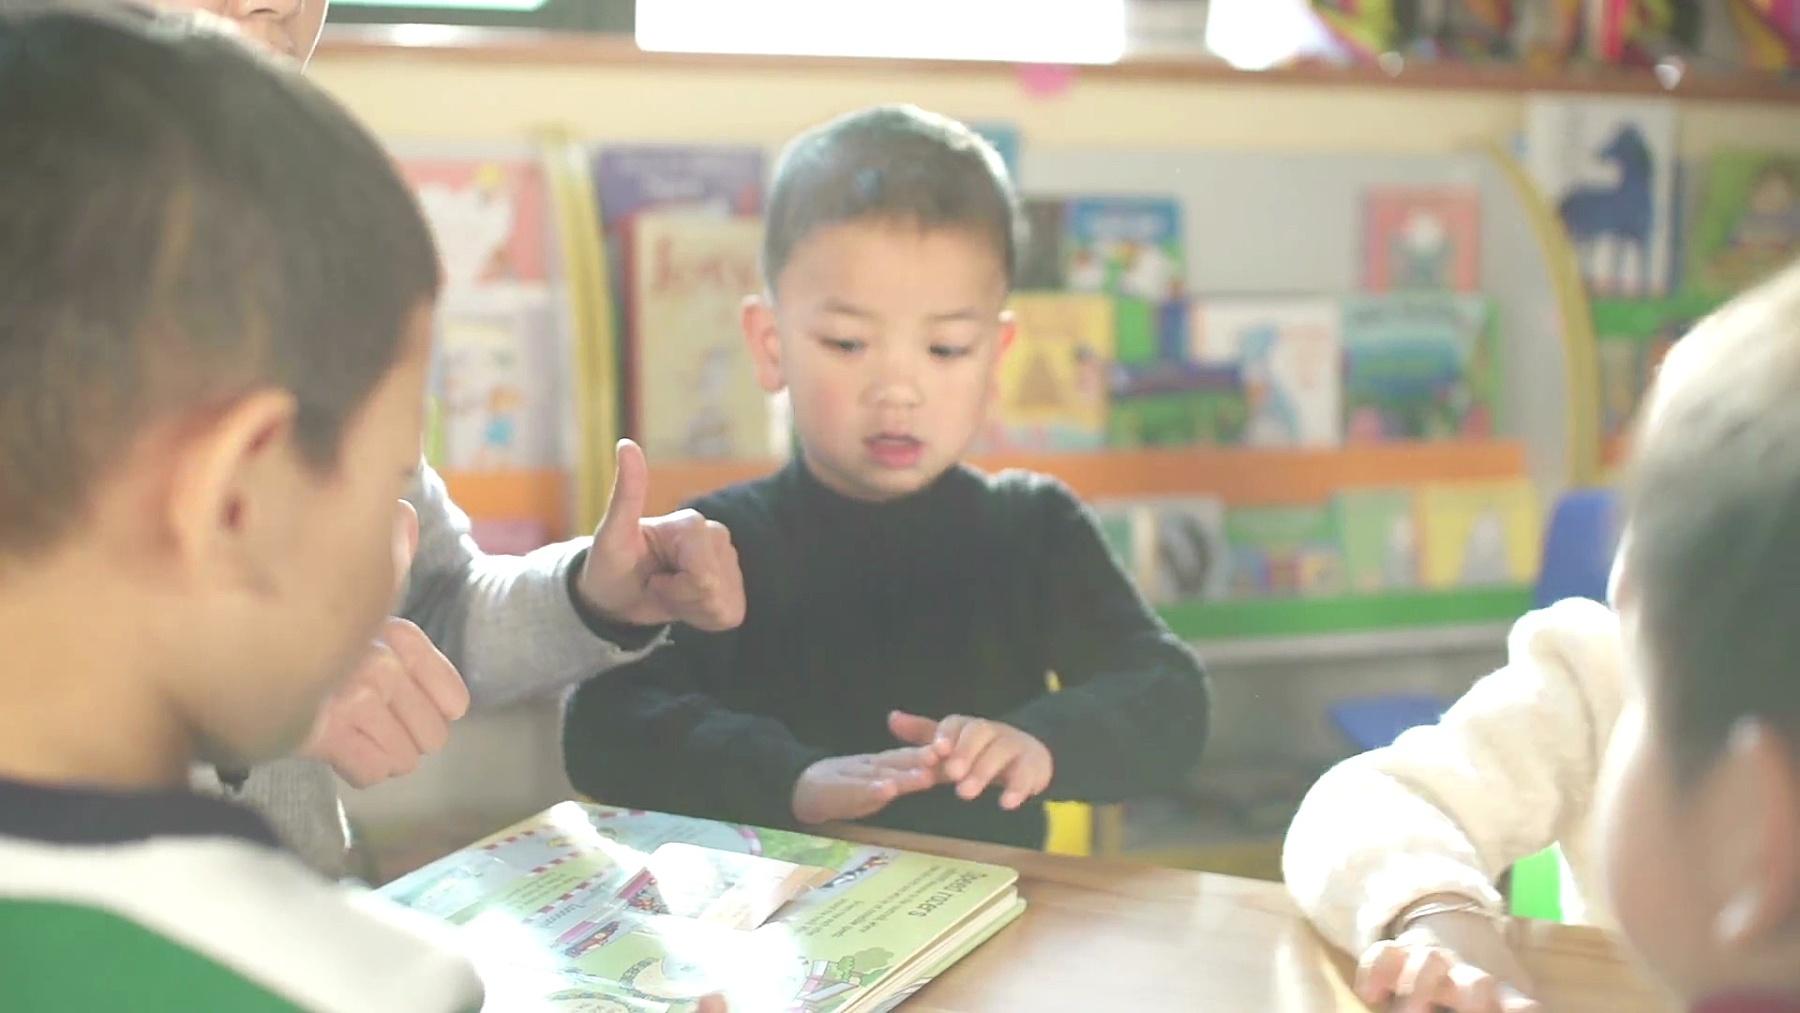 幼儿园教师在课堂上教孩子